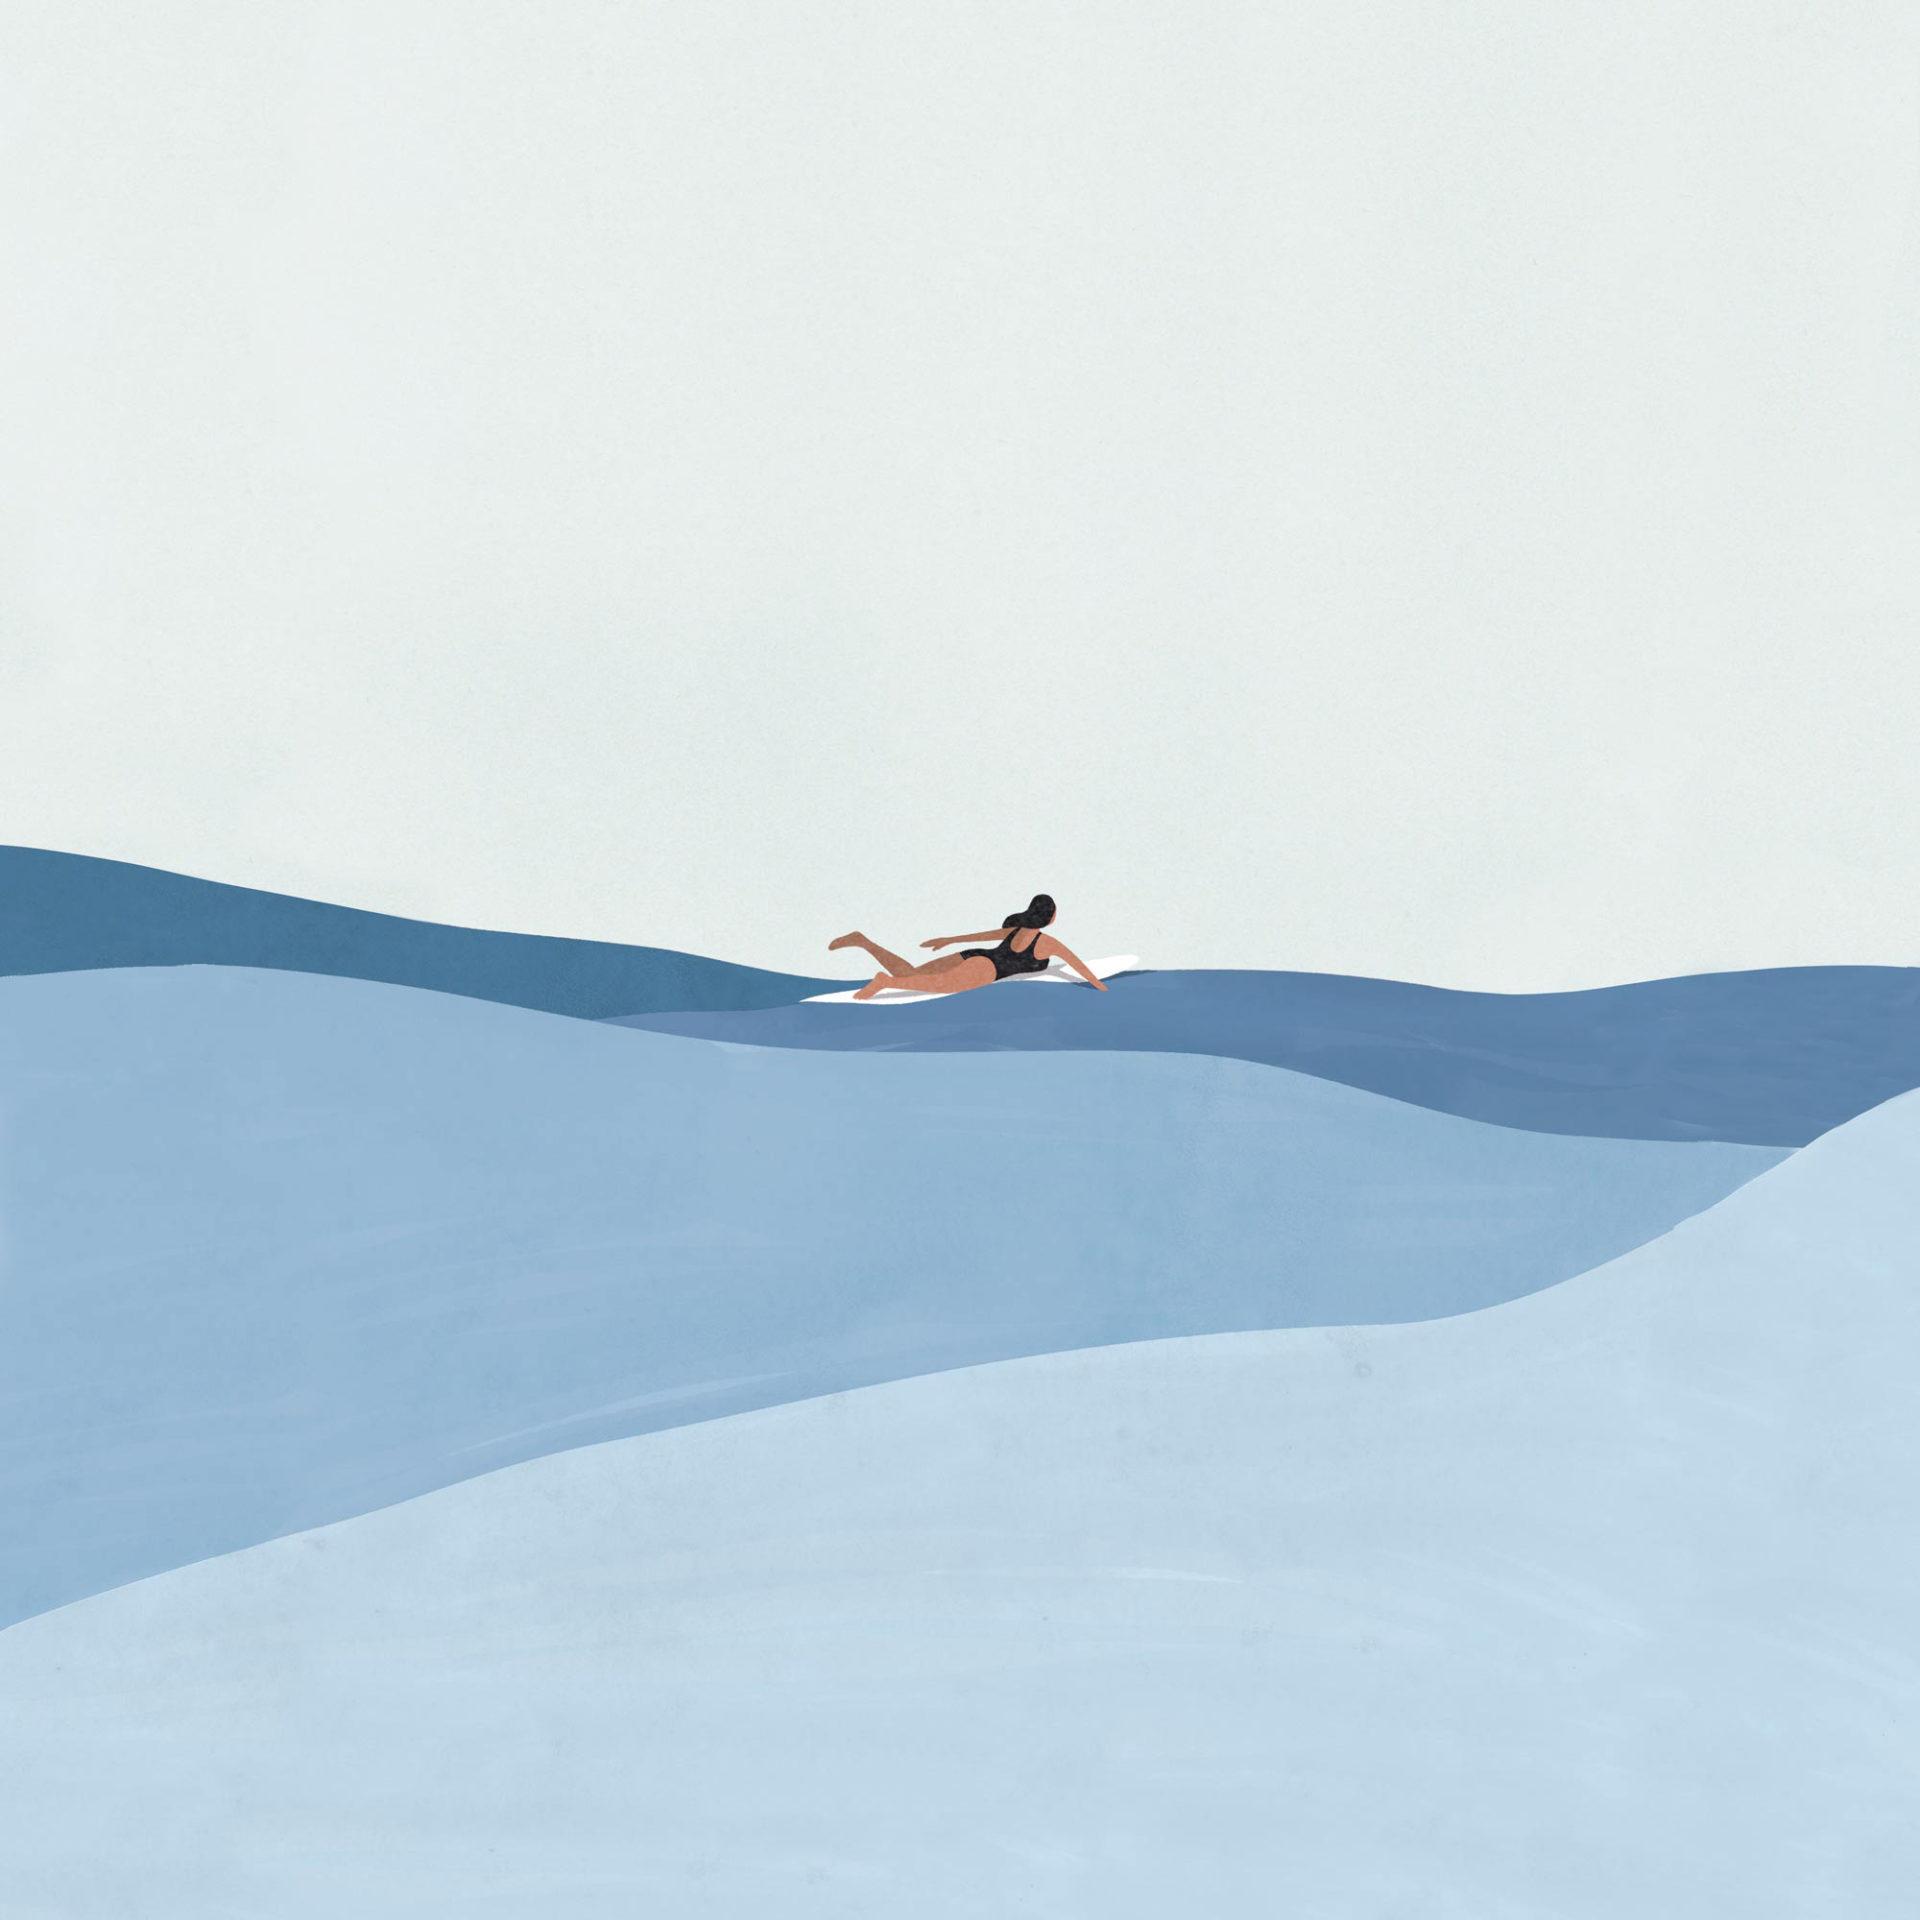 femme surf au loin